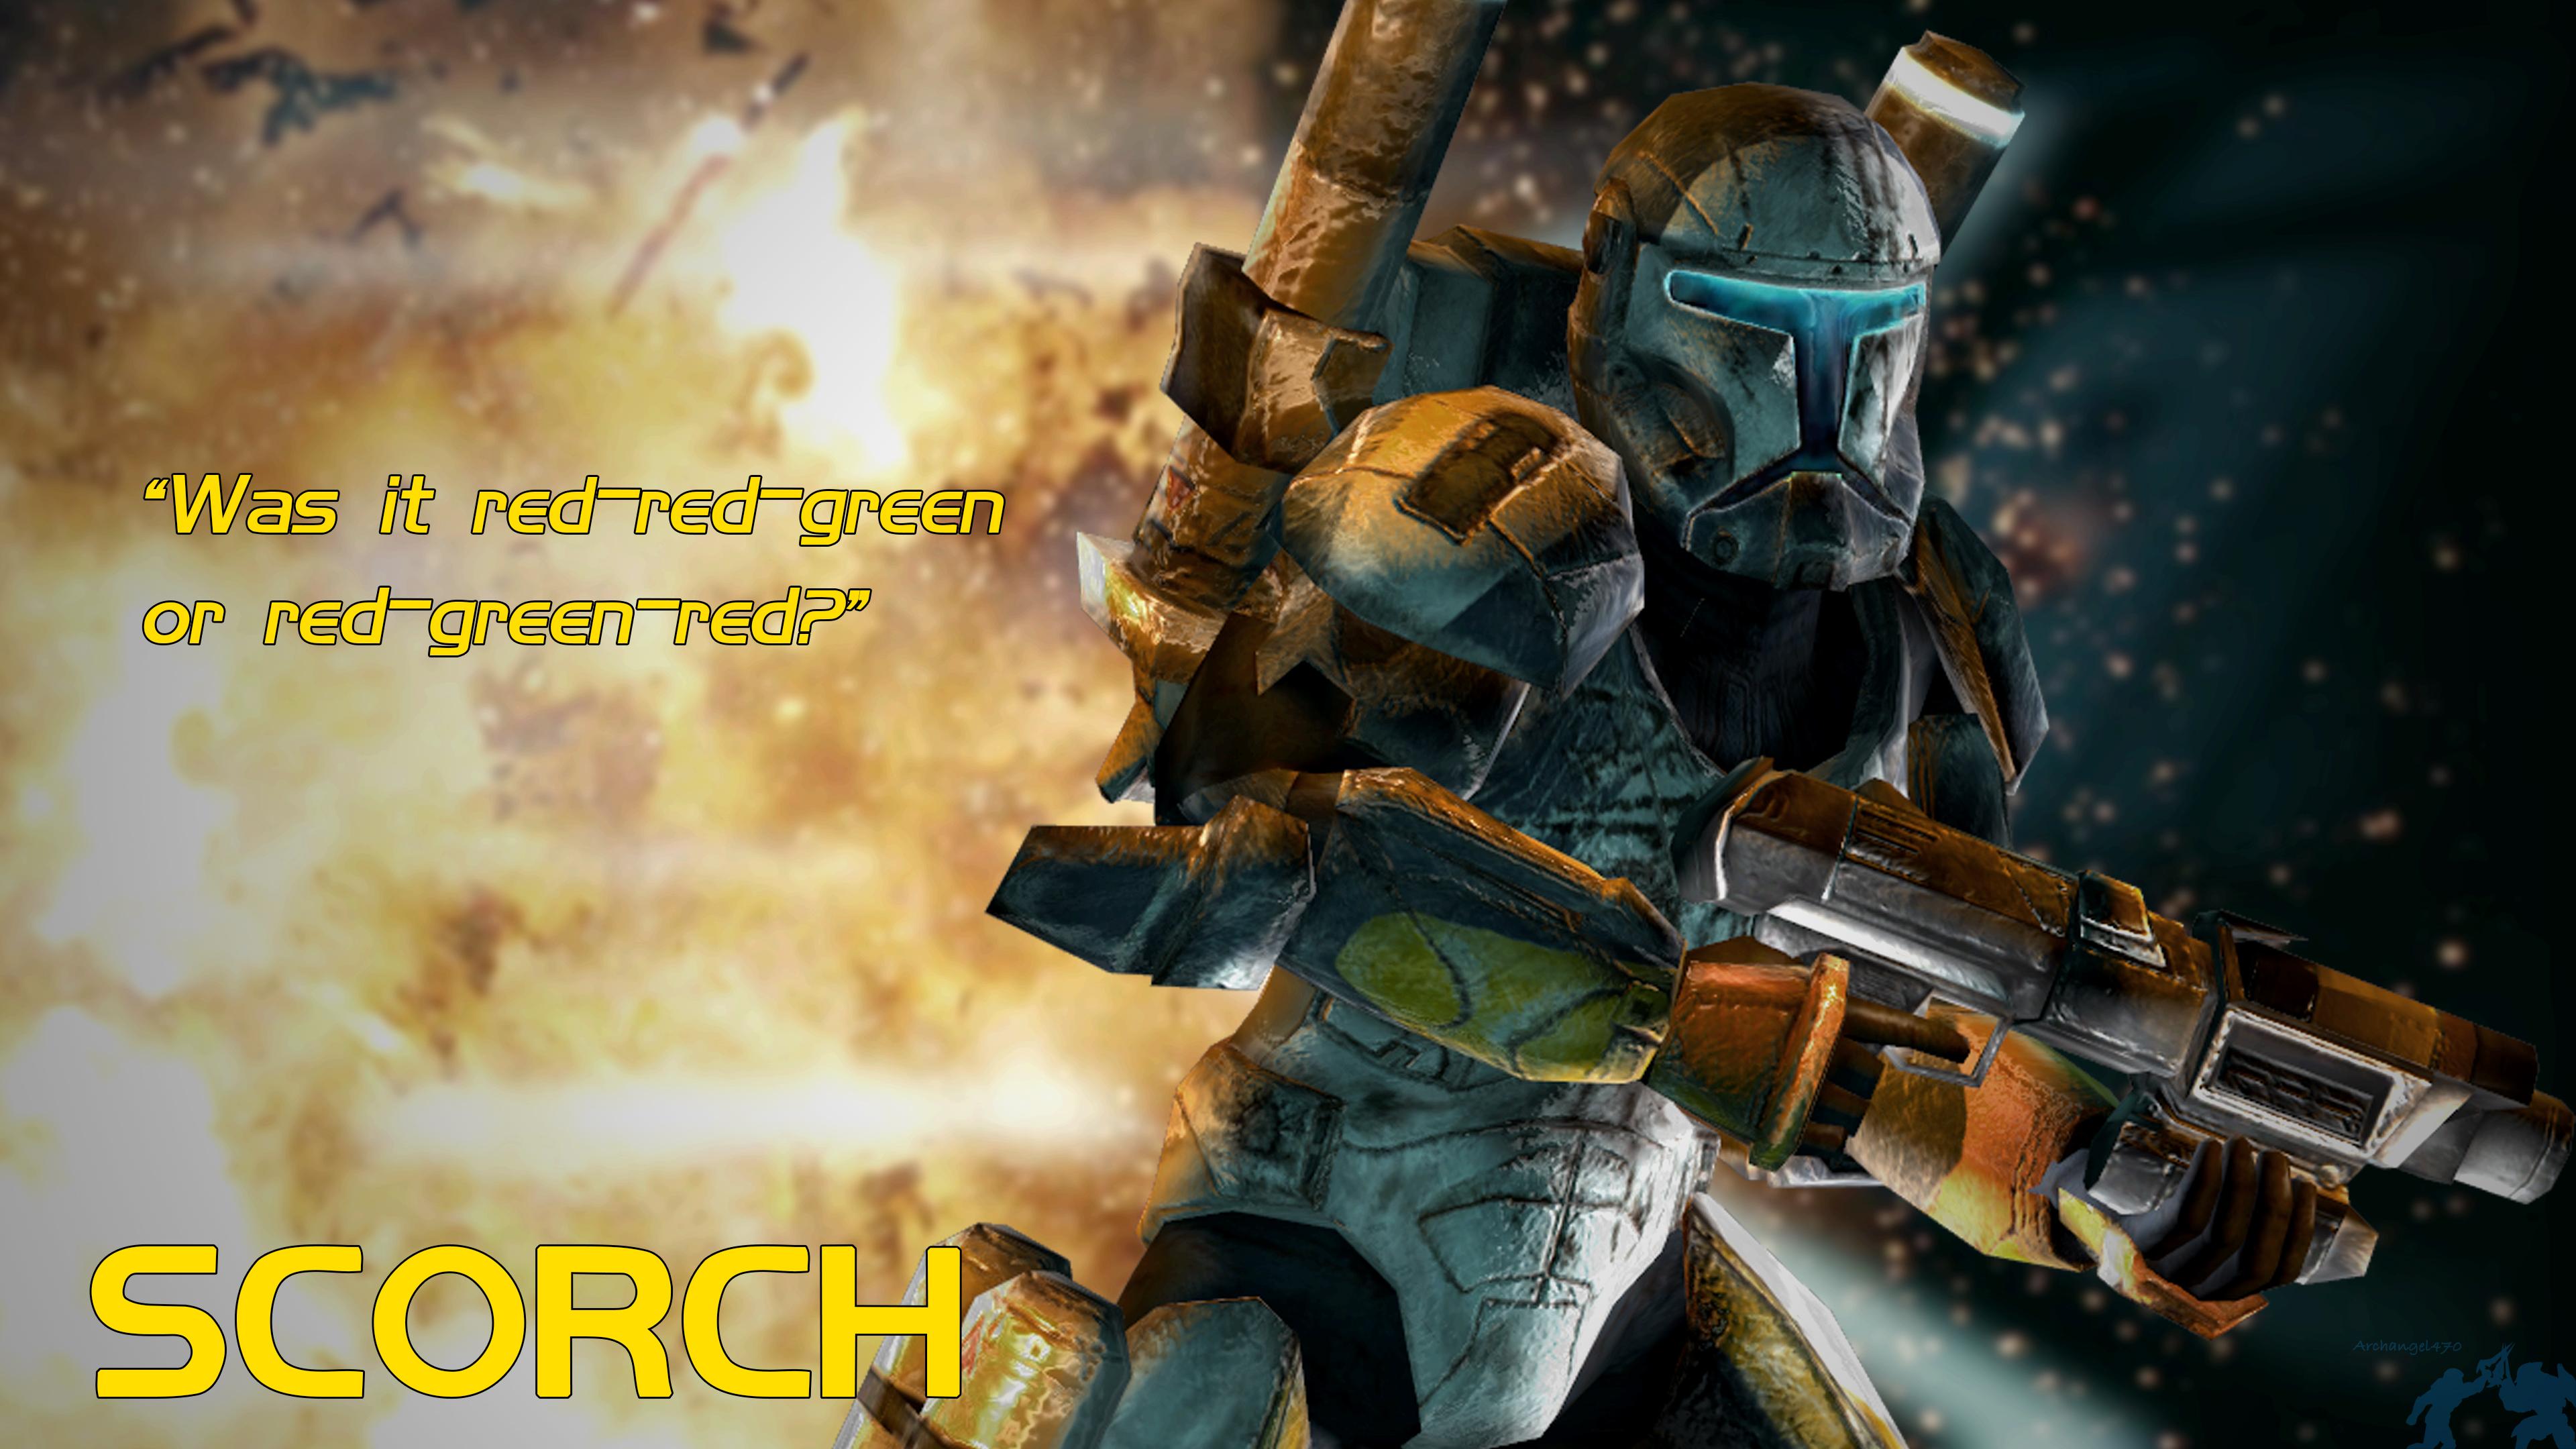 Republic Commando Scorch 4k Wallpaper By Archangel470 On Deviantart